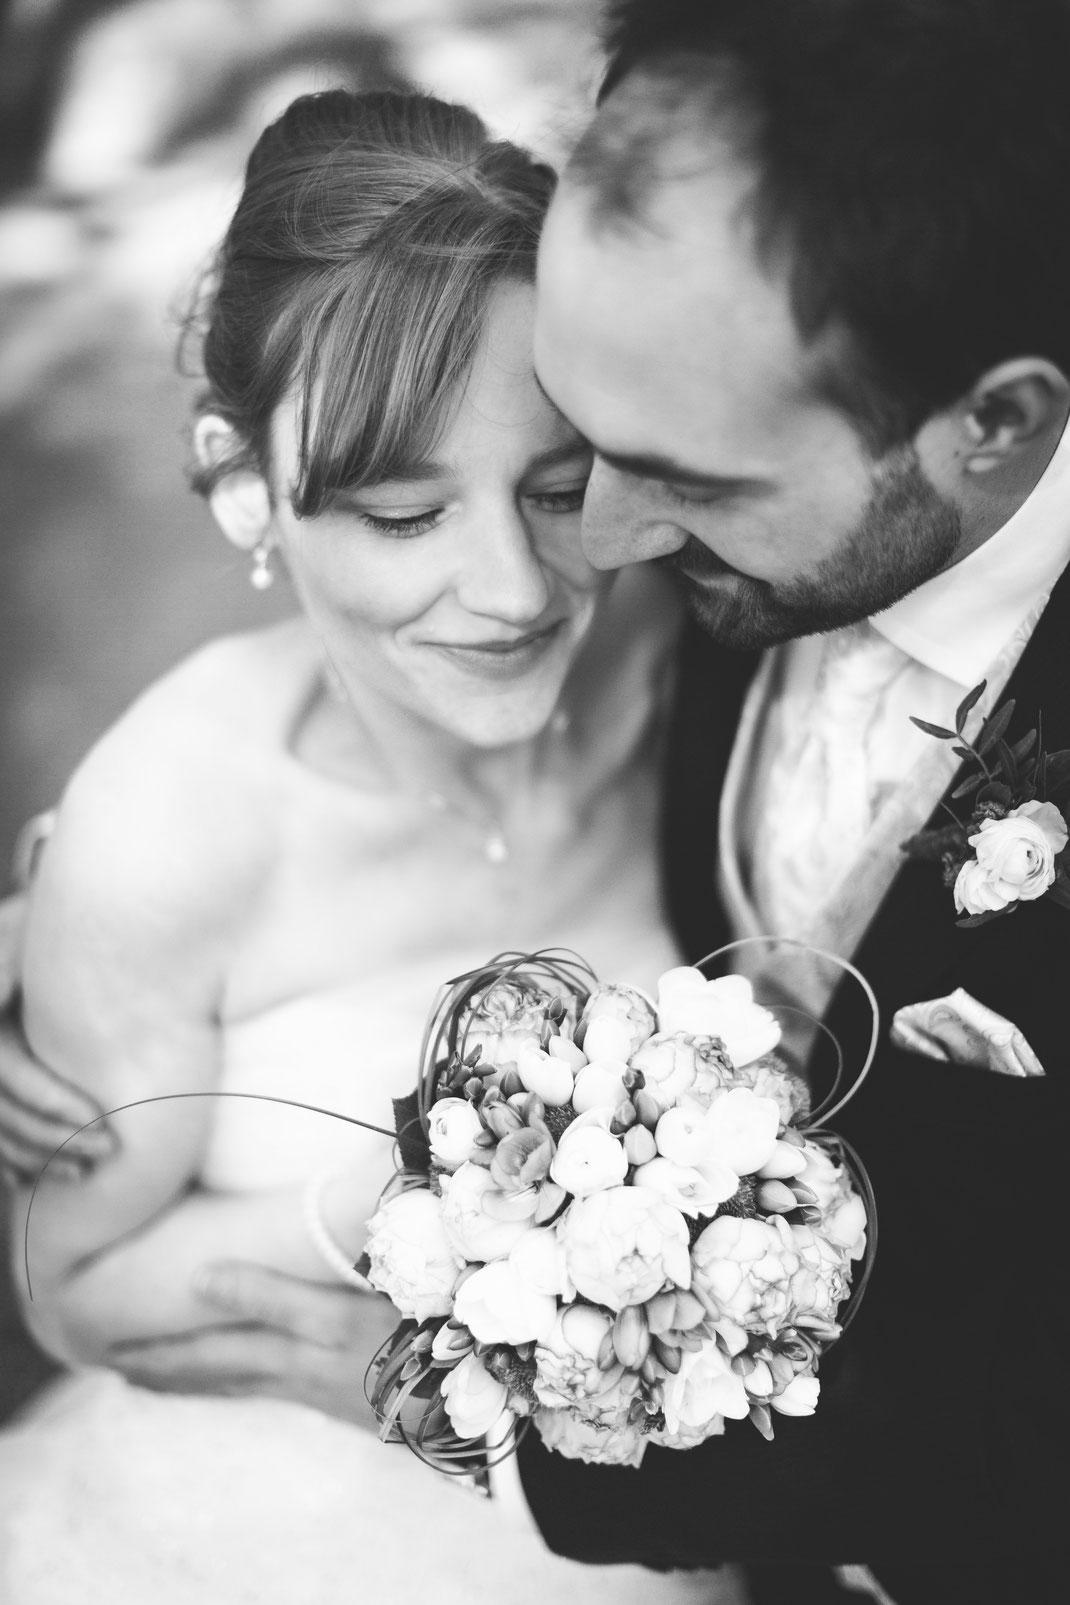 Hochzeitsfotograf aus Hamburg mach Hochzeitsbilder für Brautpaare in ganz Deutschland